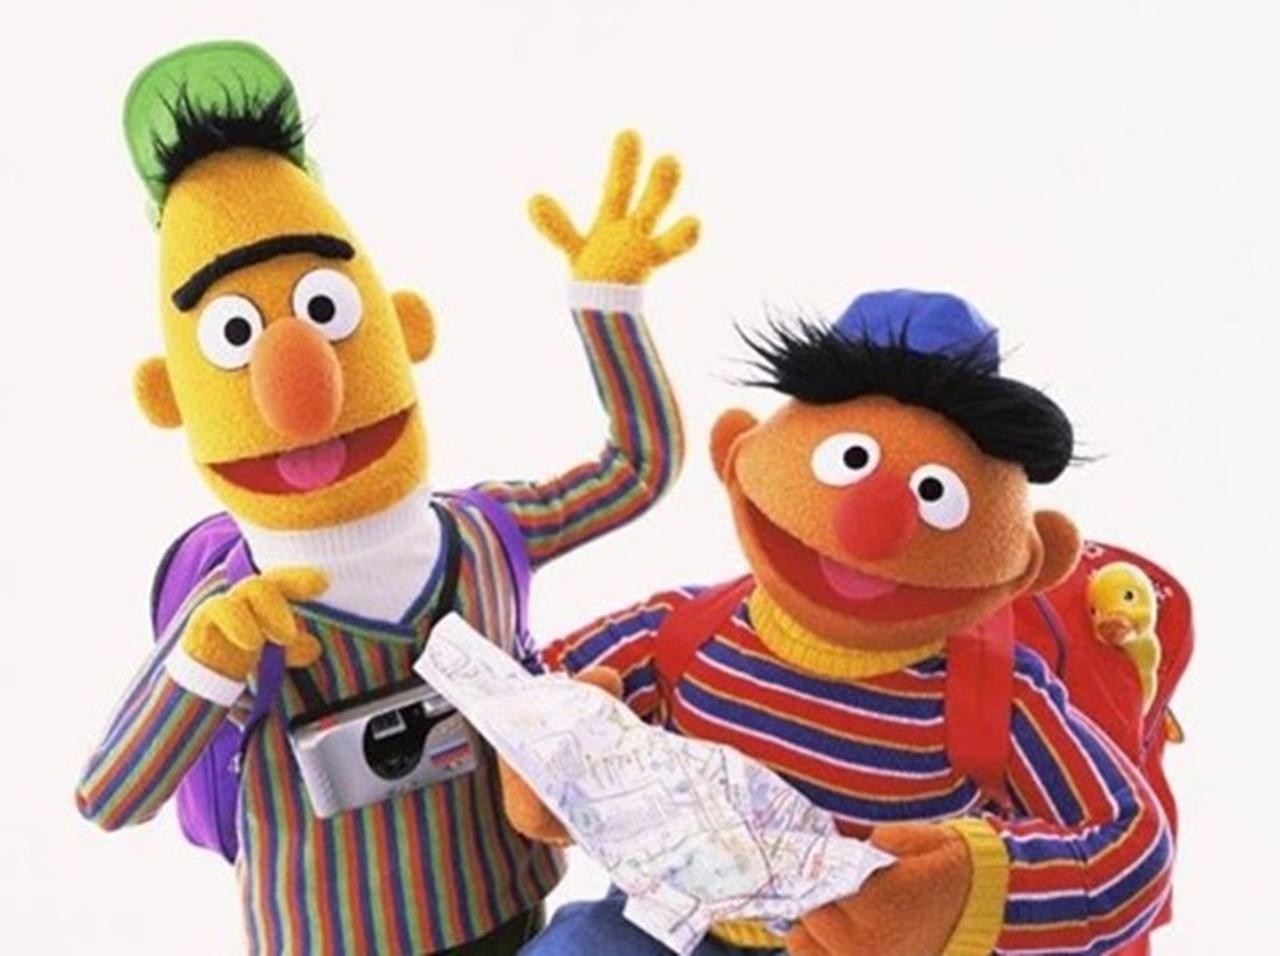 画像: 『セサミストリート』バートとアーニーはゲイ、作家が証言して公式が異例の声明発表 - フロントロウ -海外セレブ情報を発信